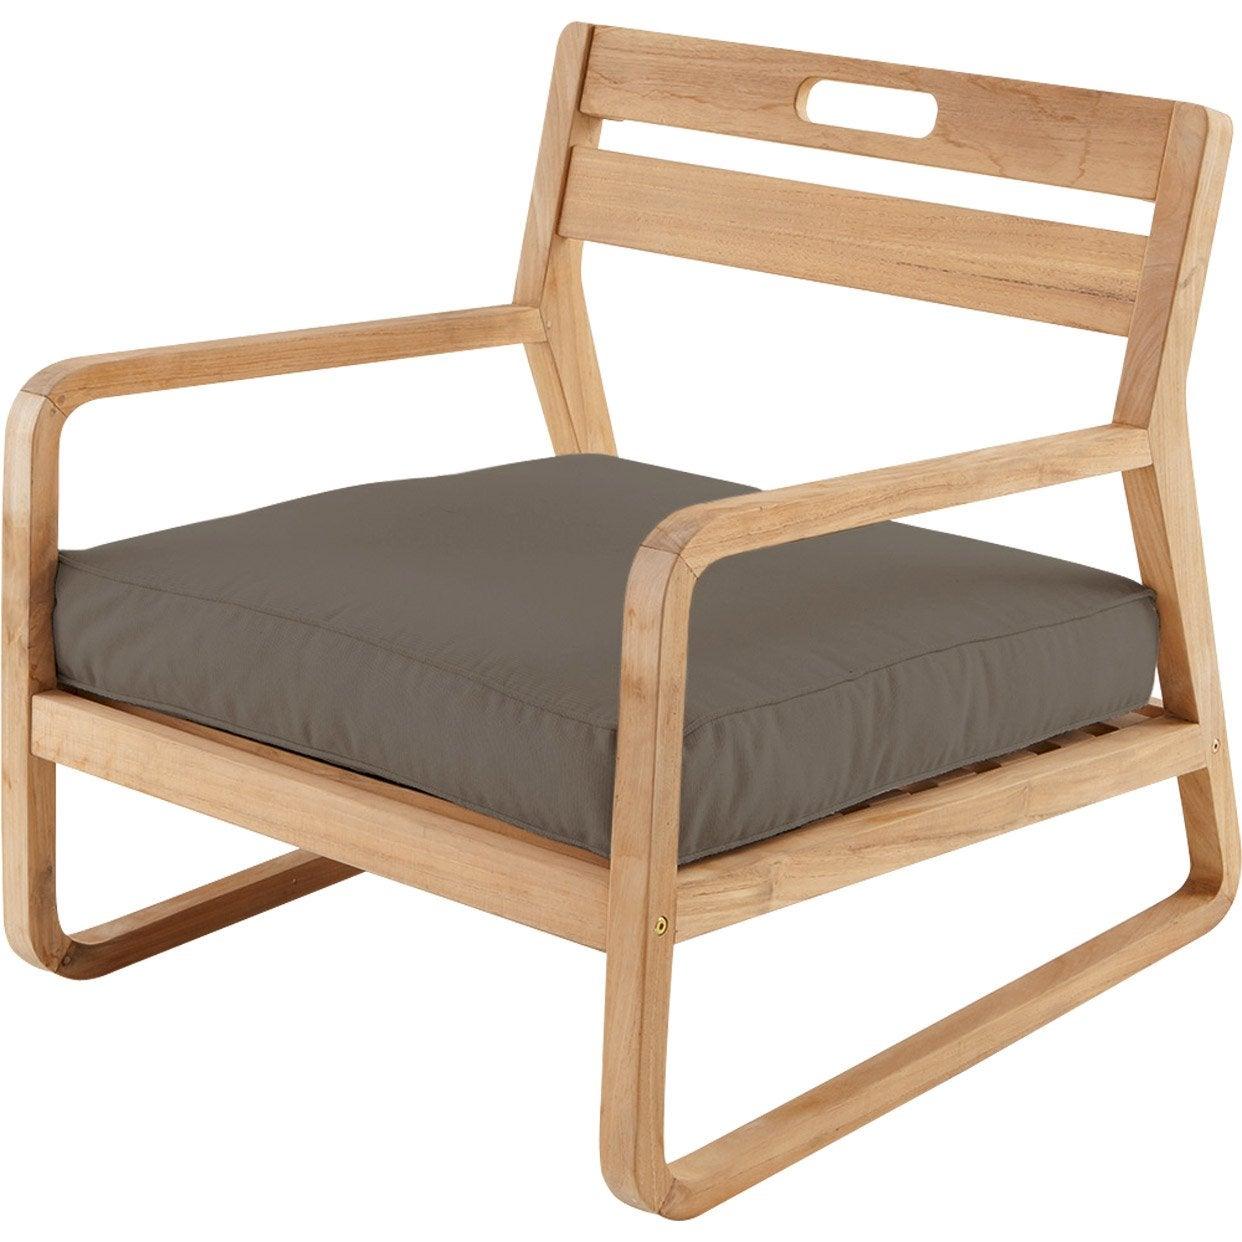 chaise basse de jardin en bois resort naturel Résultat Supérieur 5 Bon Marché Chaise Basse Photos 2017 Kdh6